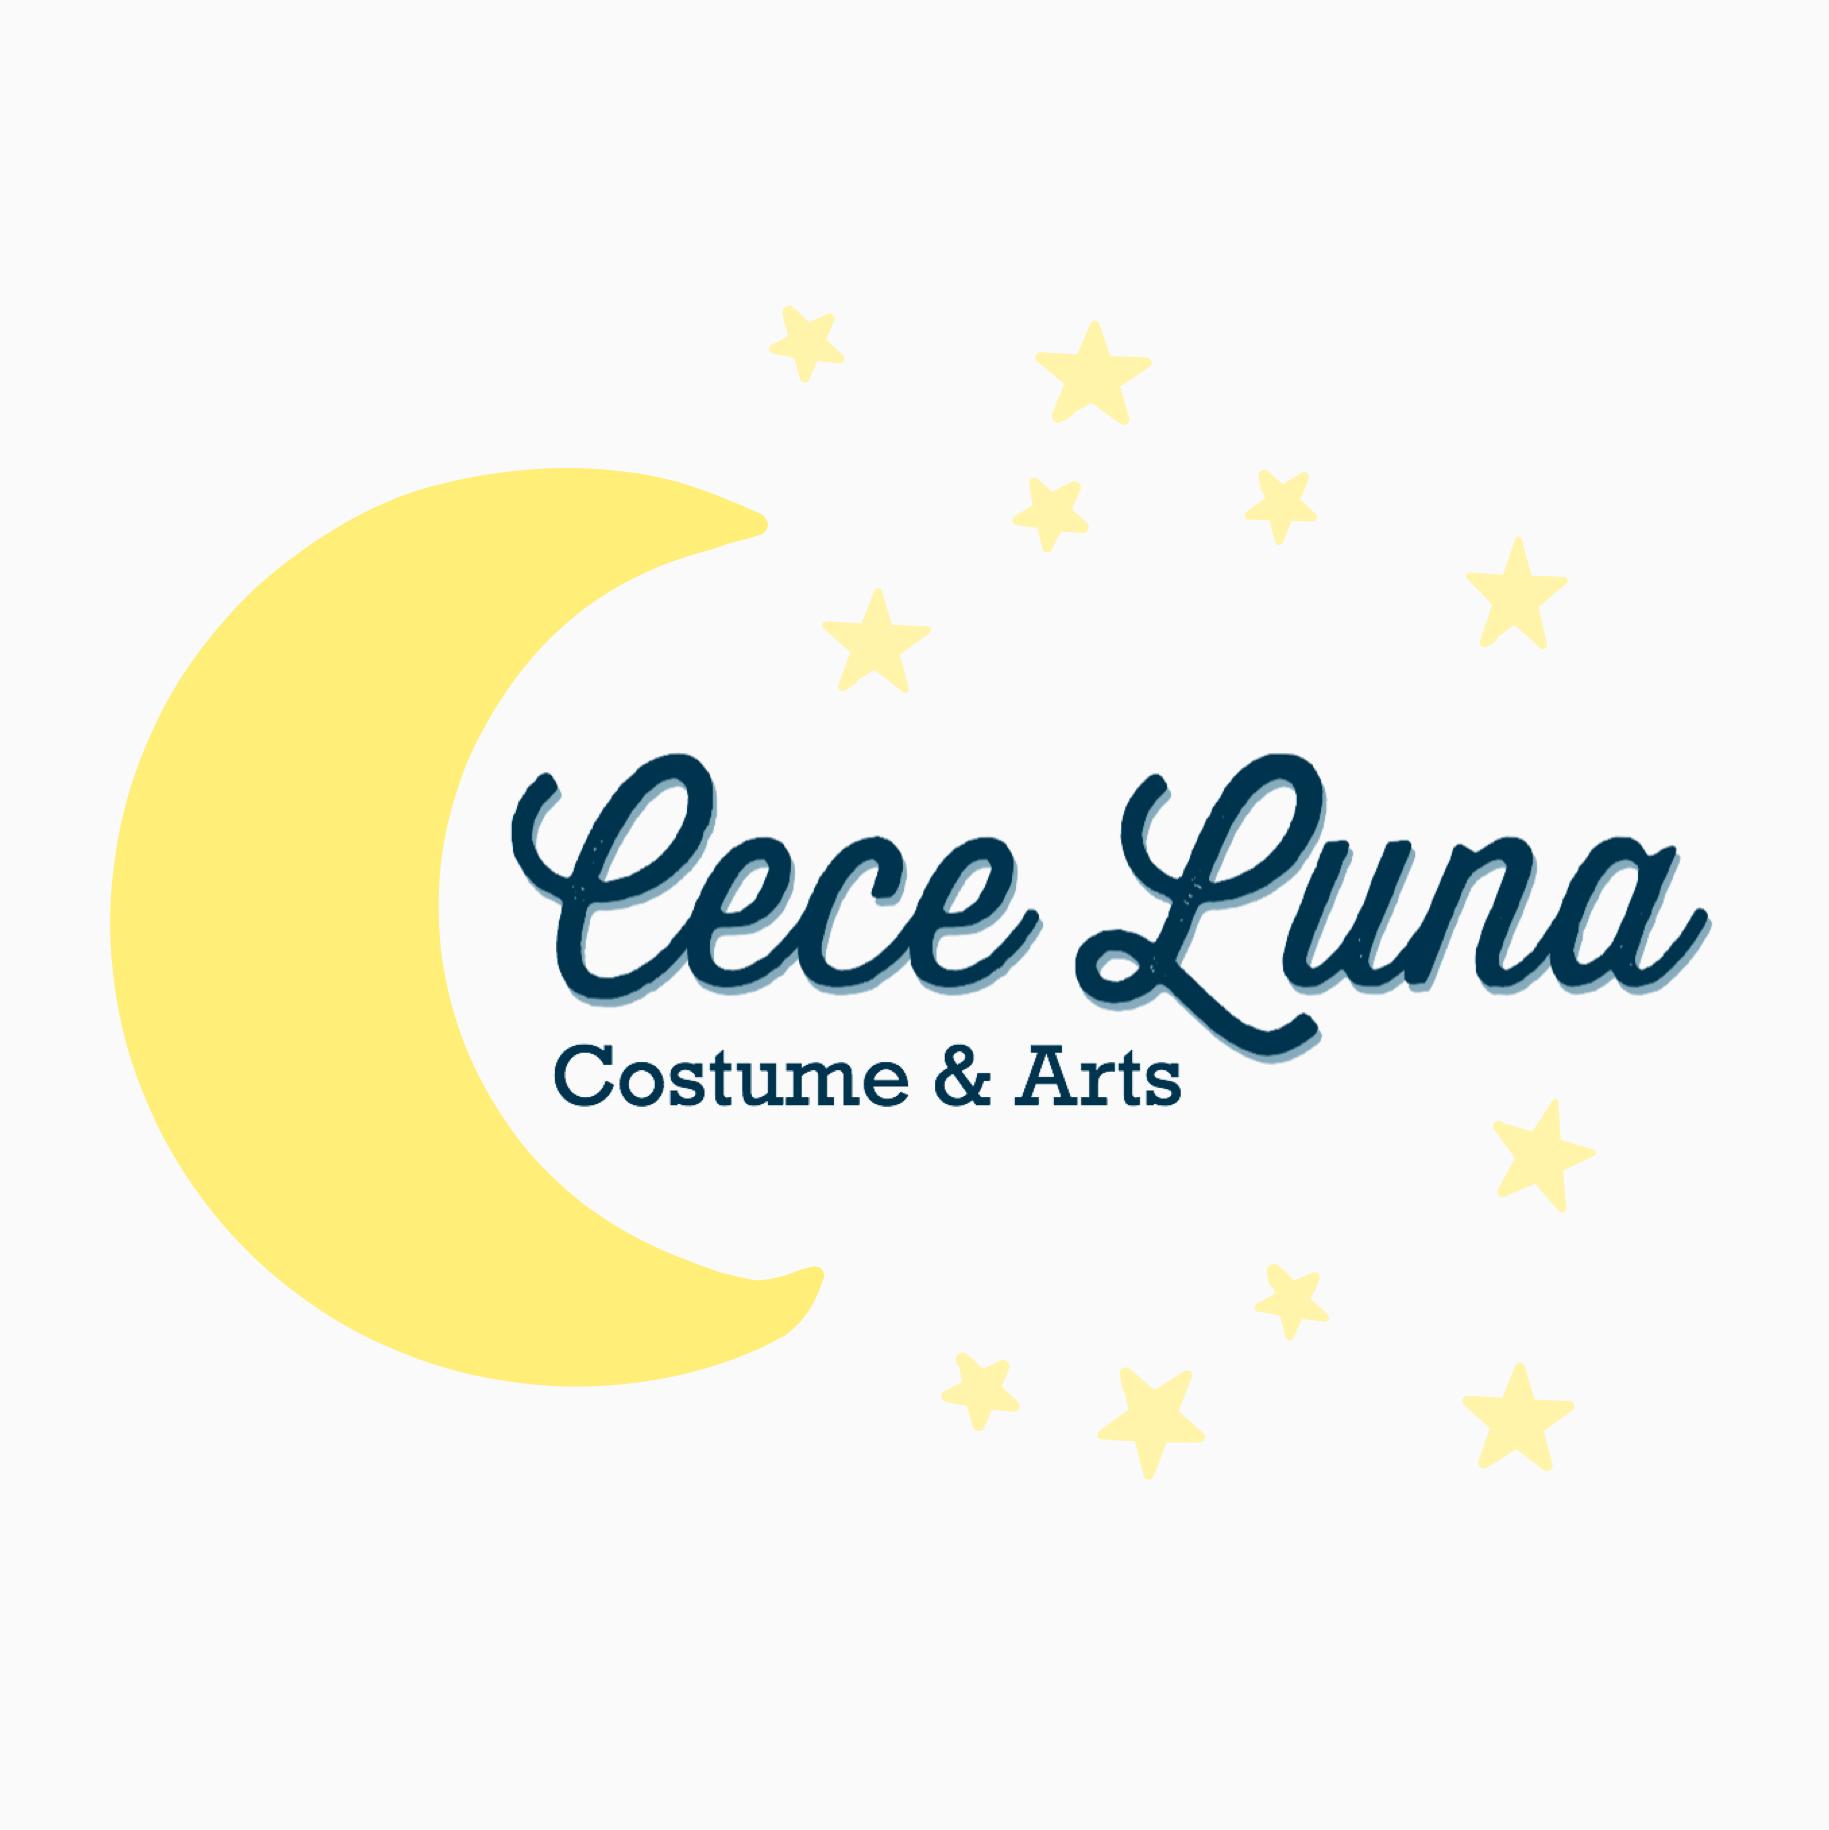 Cece Luna Logo